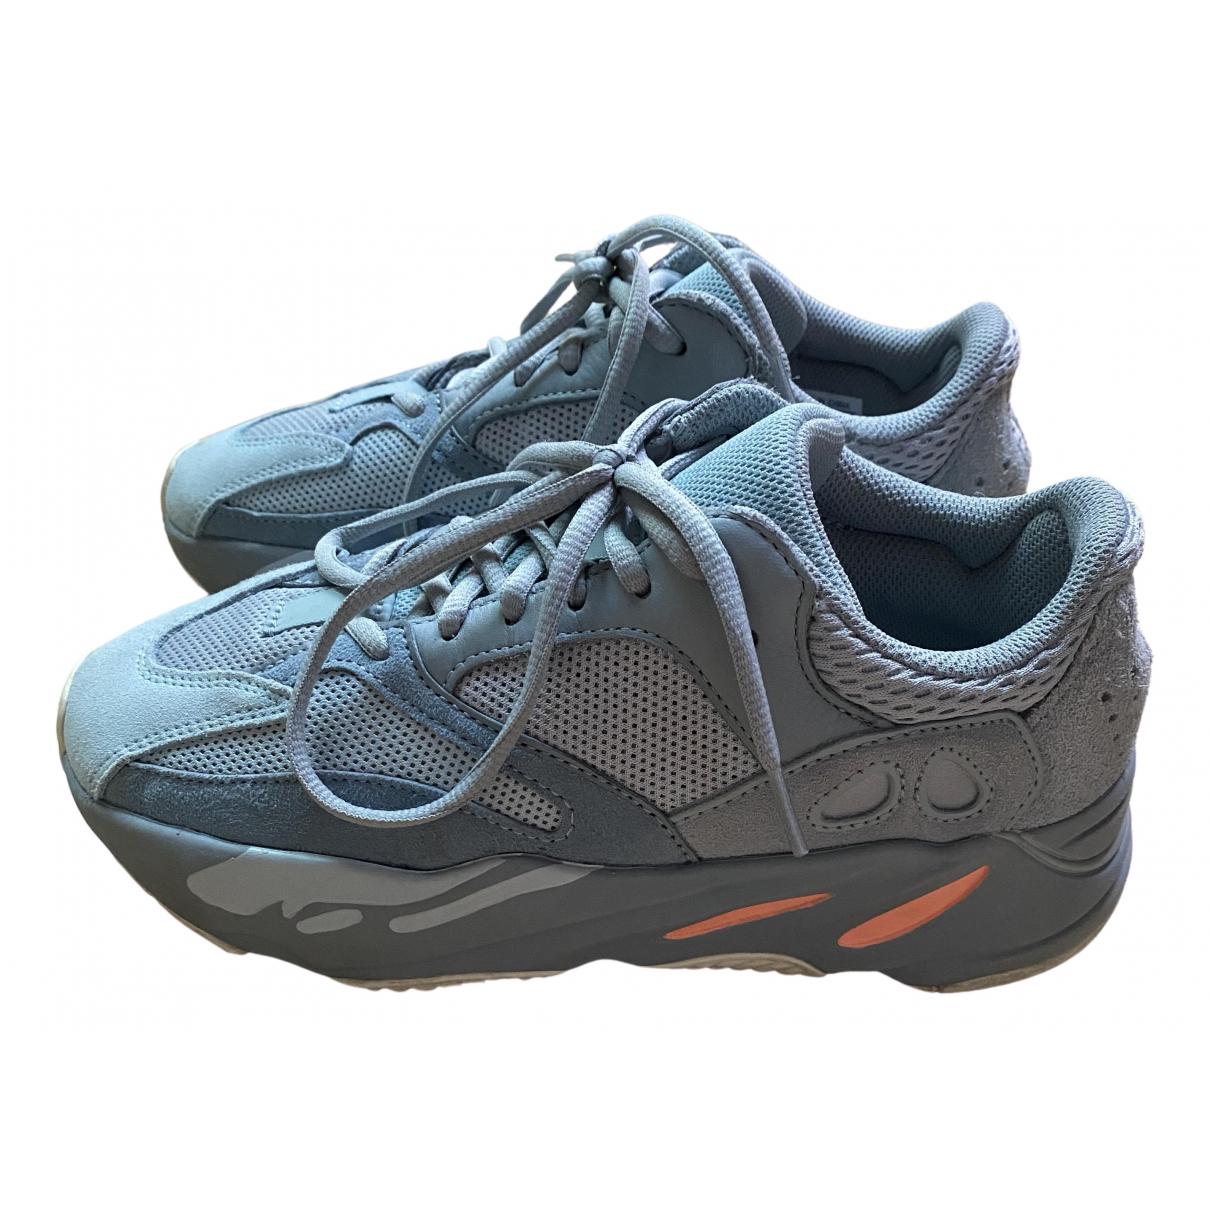 Yeezy X Adidas - Baskets Boost 700 V2 pour femme en toile - gris